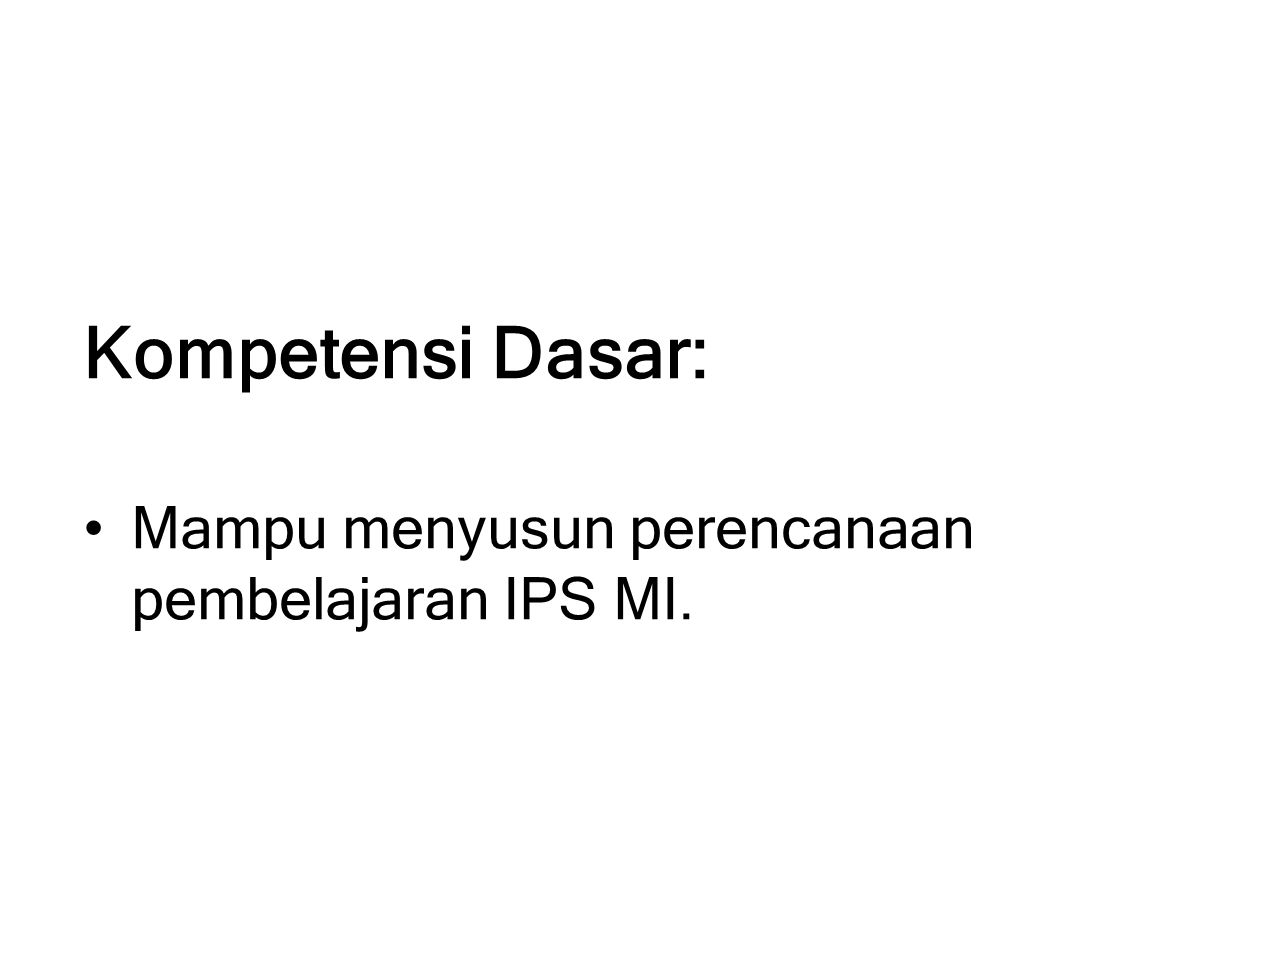 Kompetensi Dasar: Mampu menyusun perencanaan pembelajaran IPS MI.